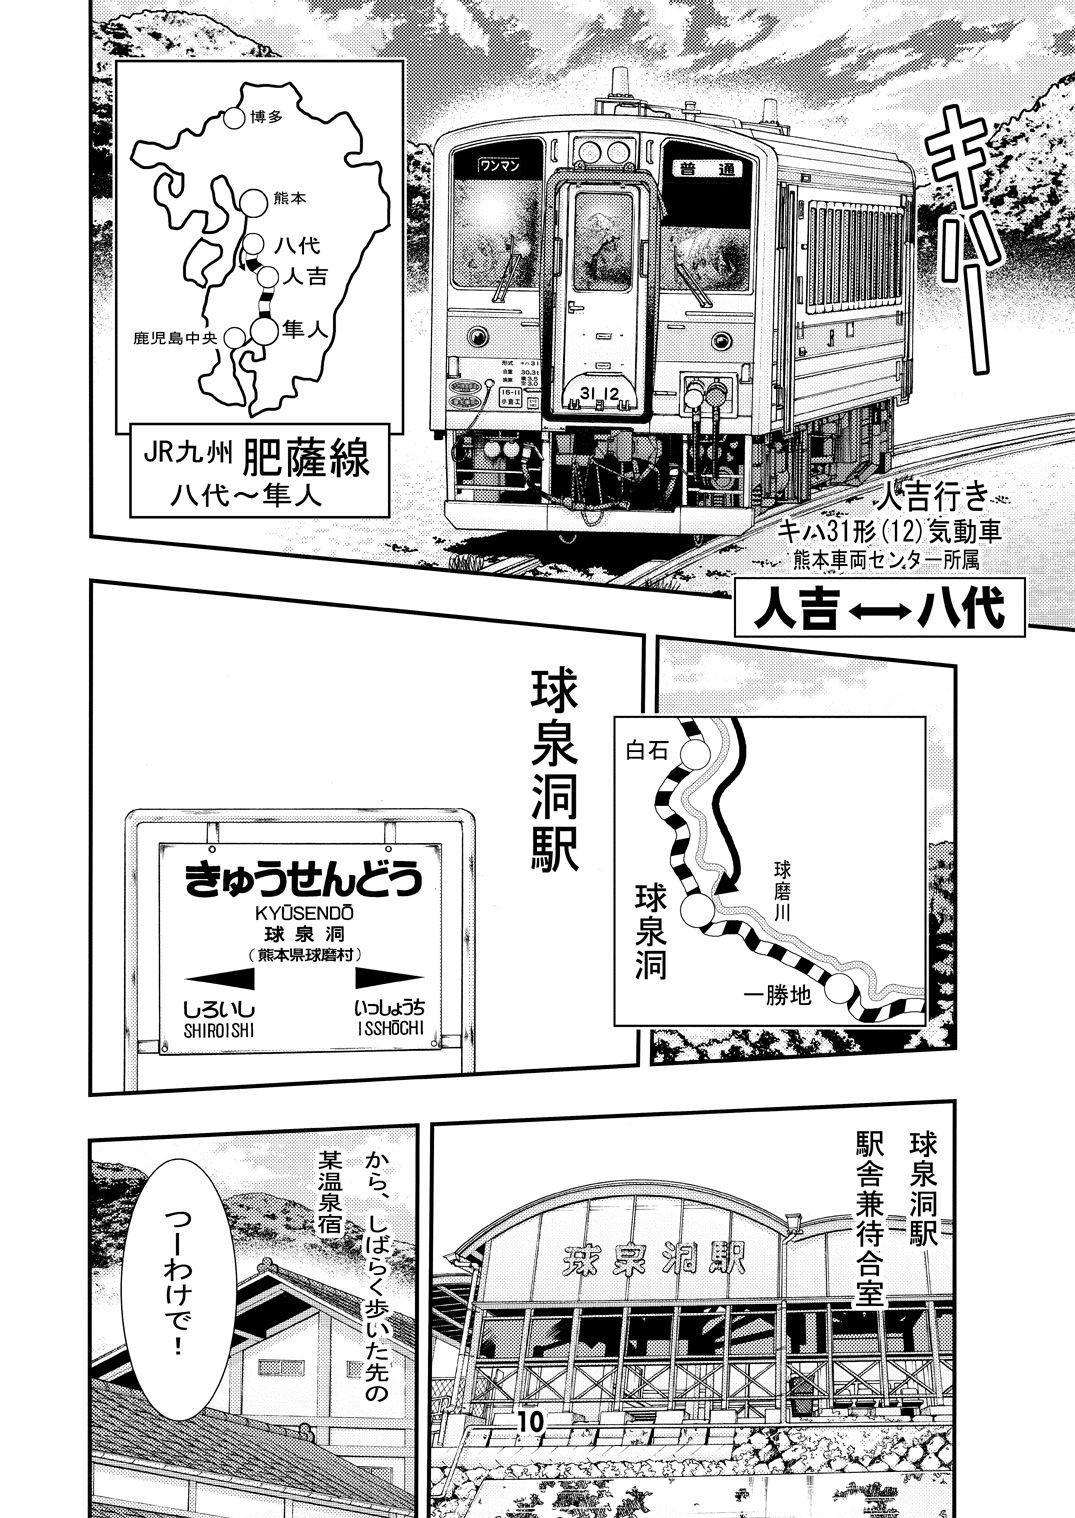 Eiken Rensai Kaishi 10-shuunen Kinen Bon Kaiteiban Sai 9